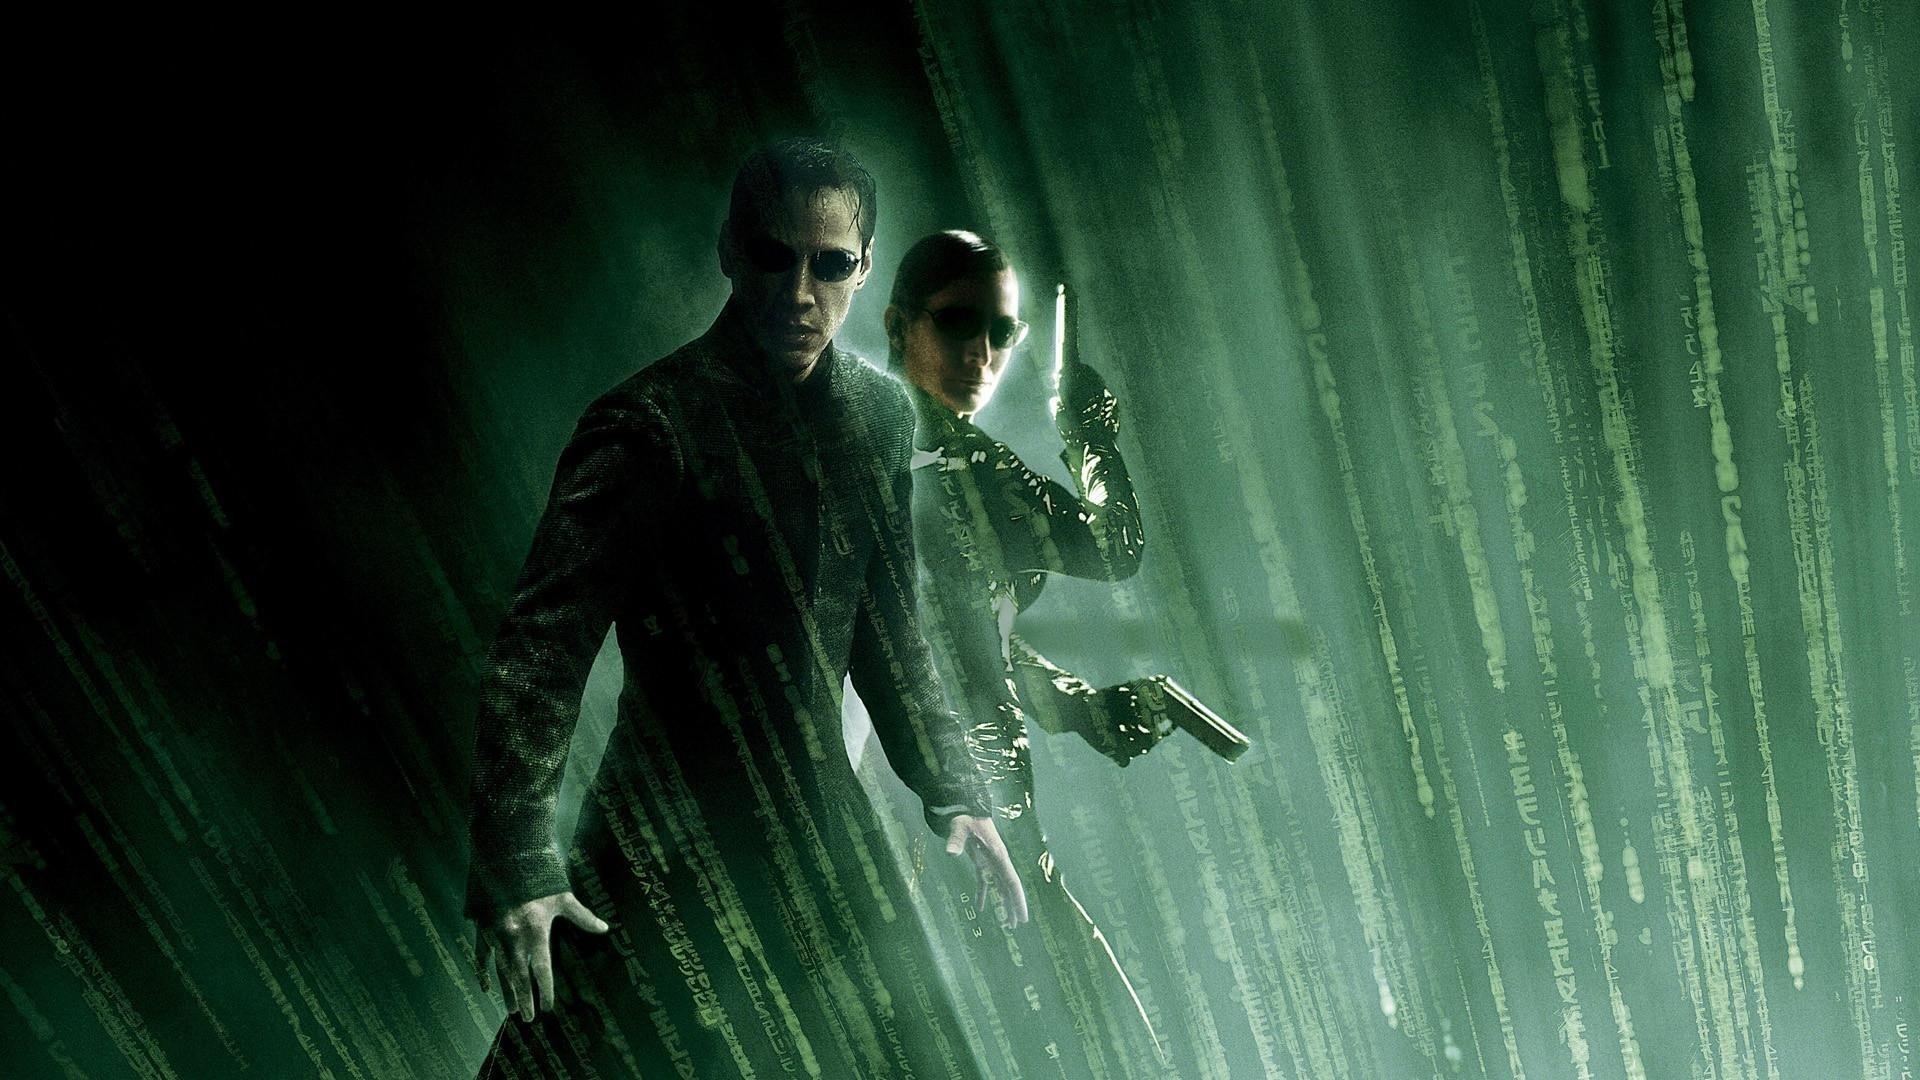 The Matrix 4 kommer ut 2021. Blir den en av årets bästa filmer?